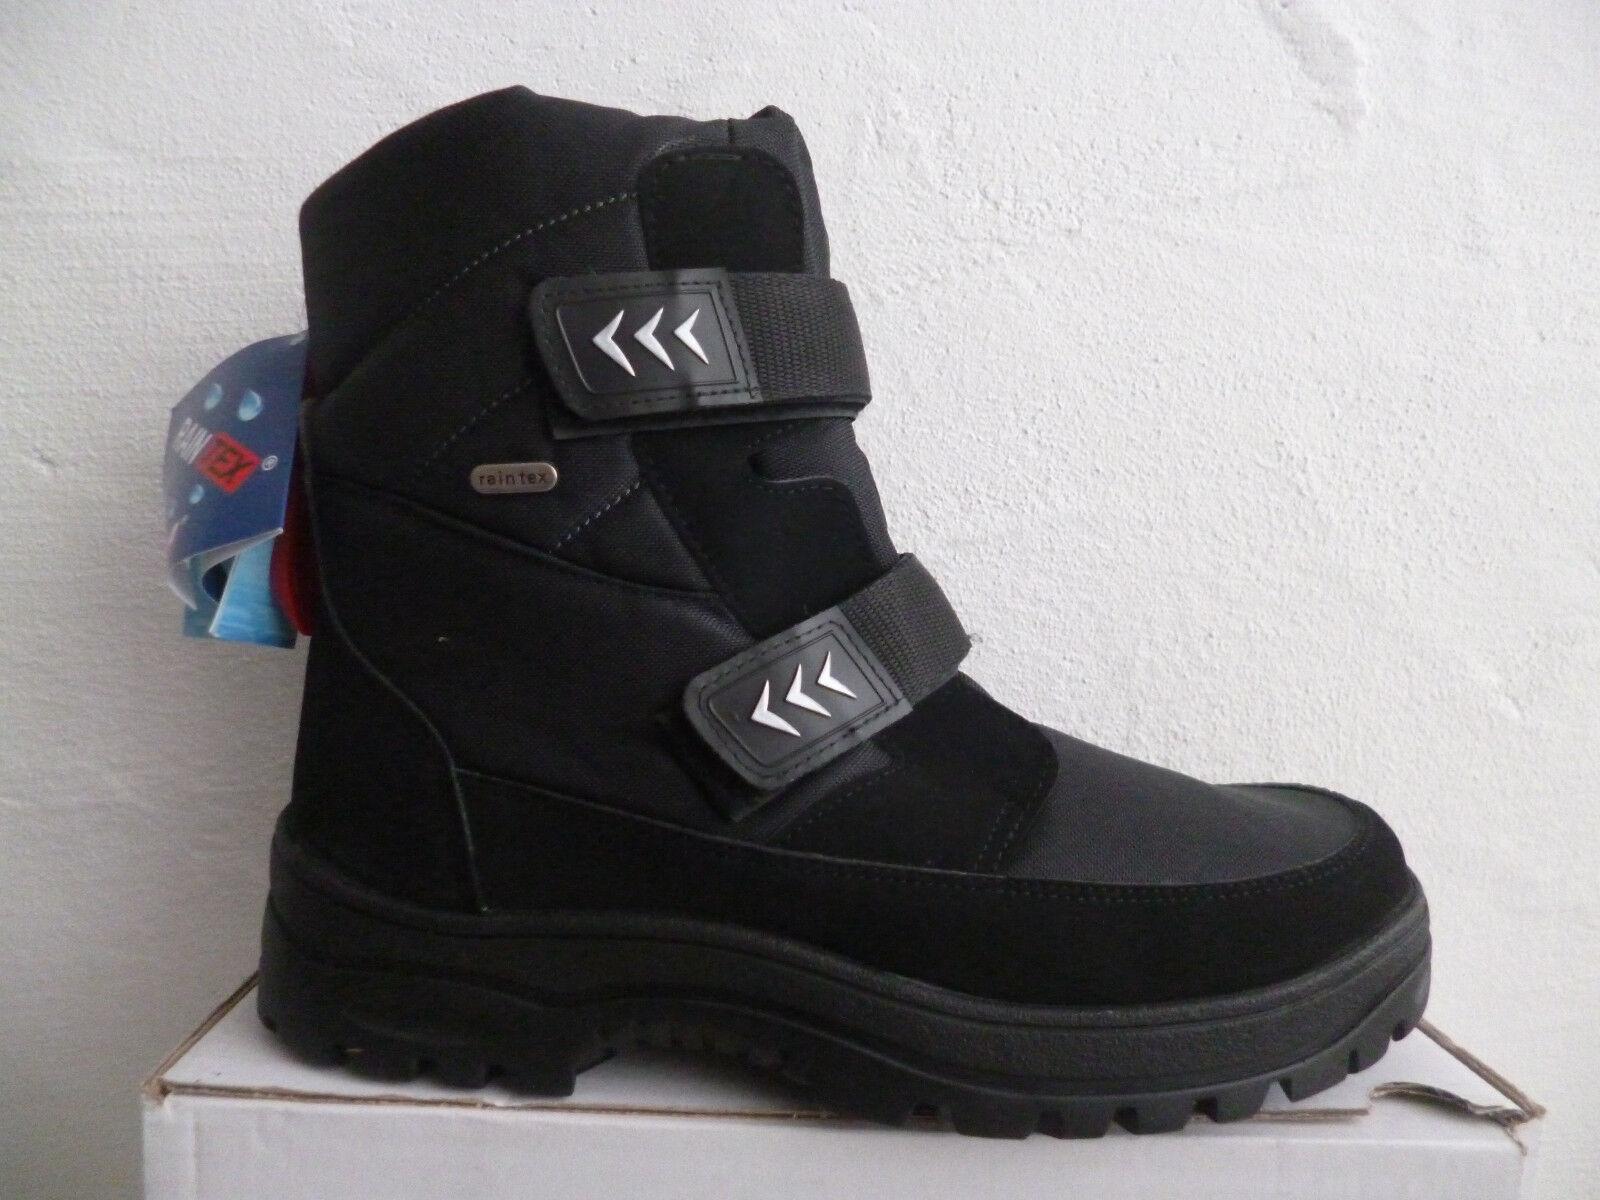 Vista Herren Stiefel Winterstiefel Boots Spikes Tex wasserdicht NEU